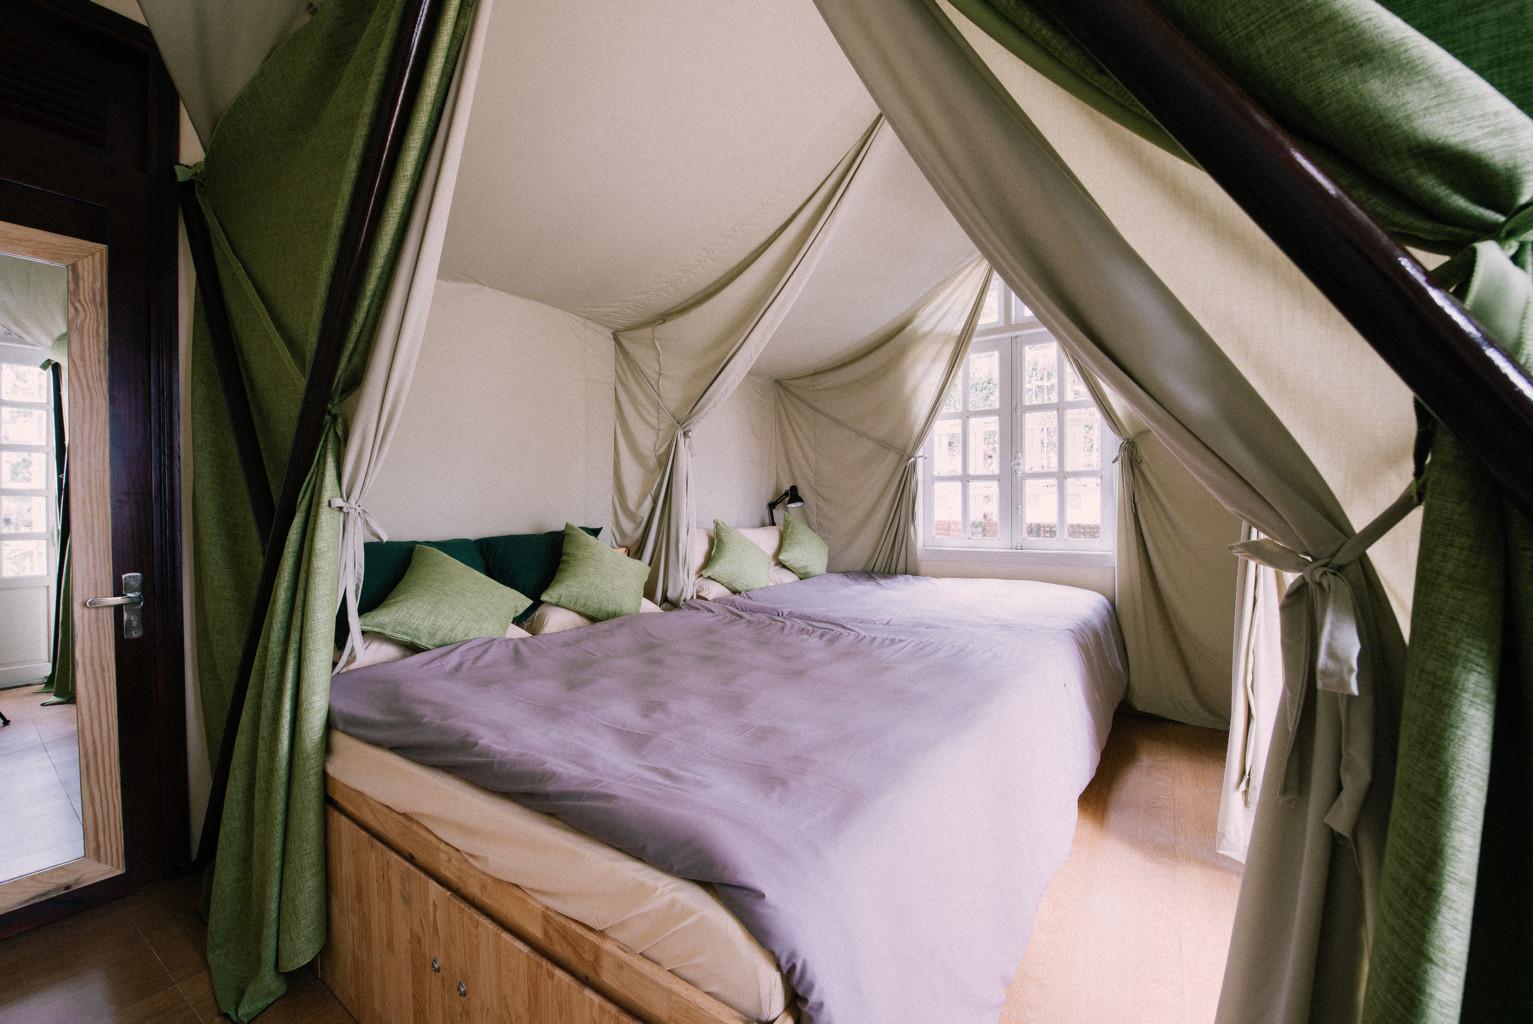 Thiết kế phòng ngủ độc đáo tại homestay này